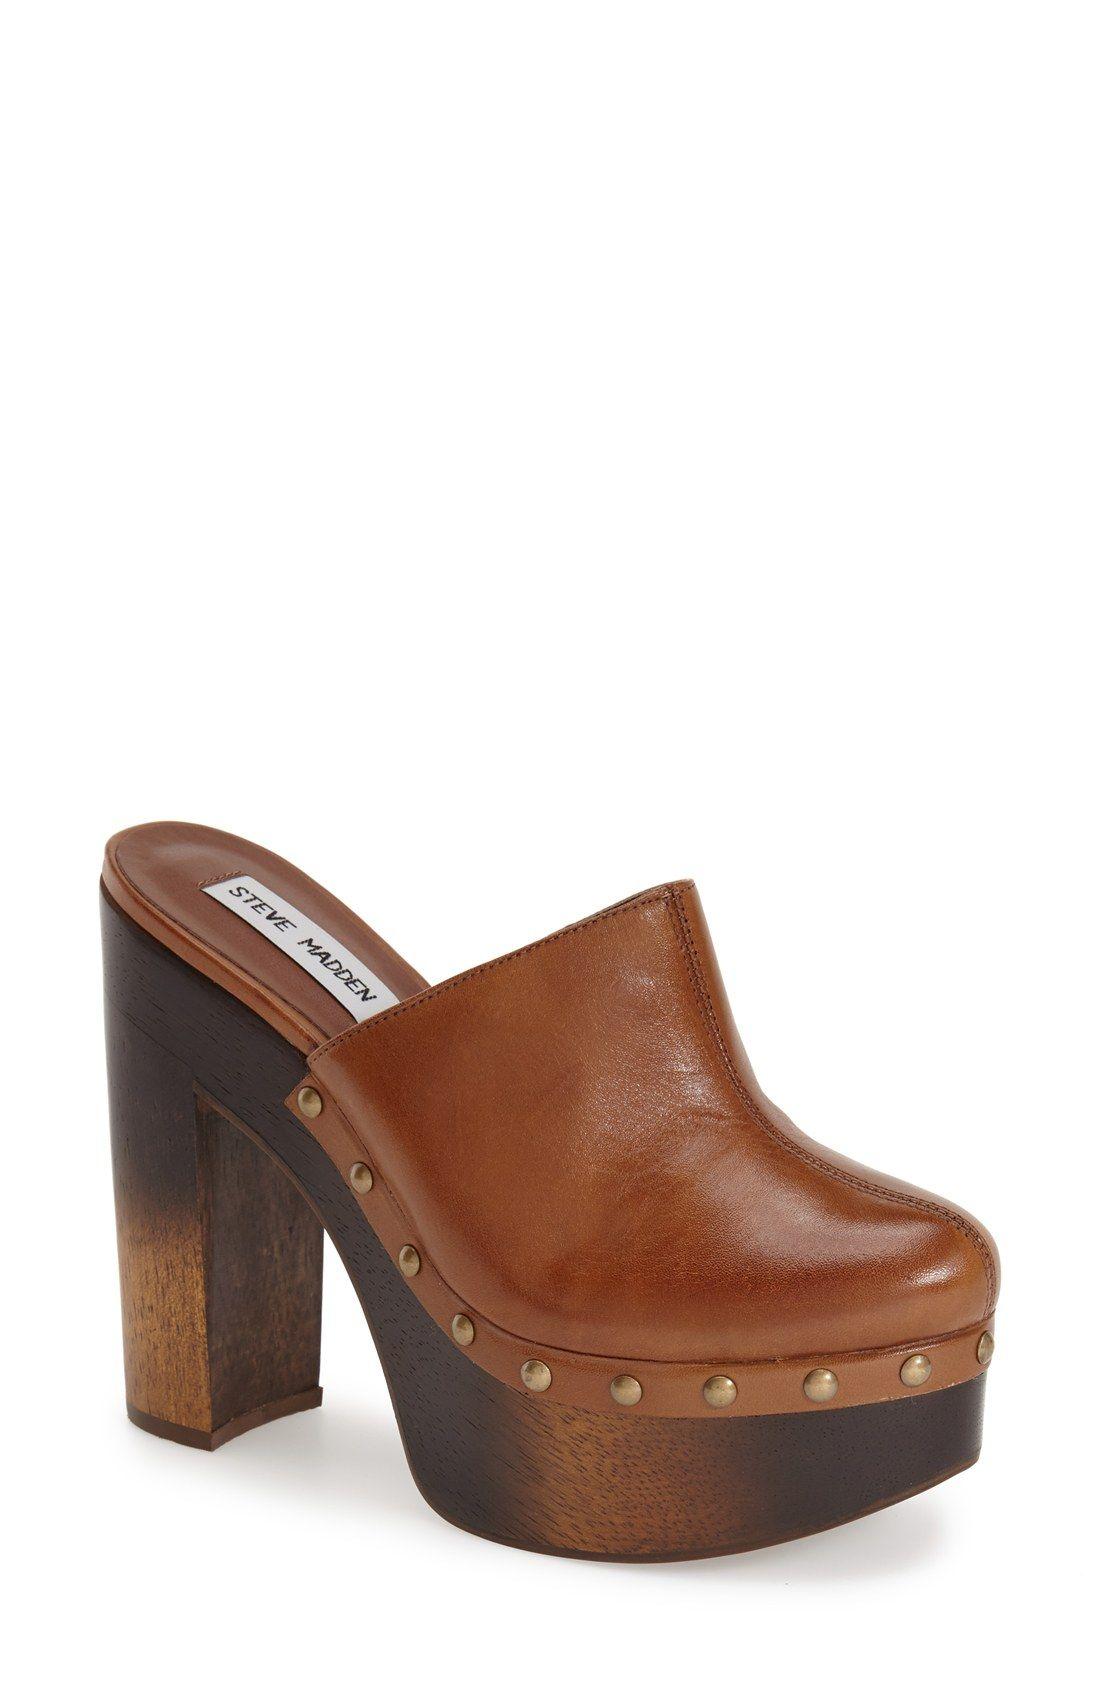 Extraordinario segundo participar  Steve Madden 'Luhna' Clog (Women | Zapatos zuecos, Botas zapatos y Zapatos  mujer